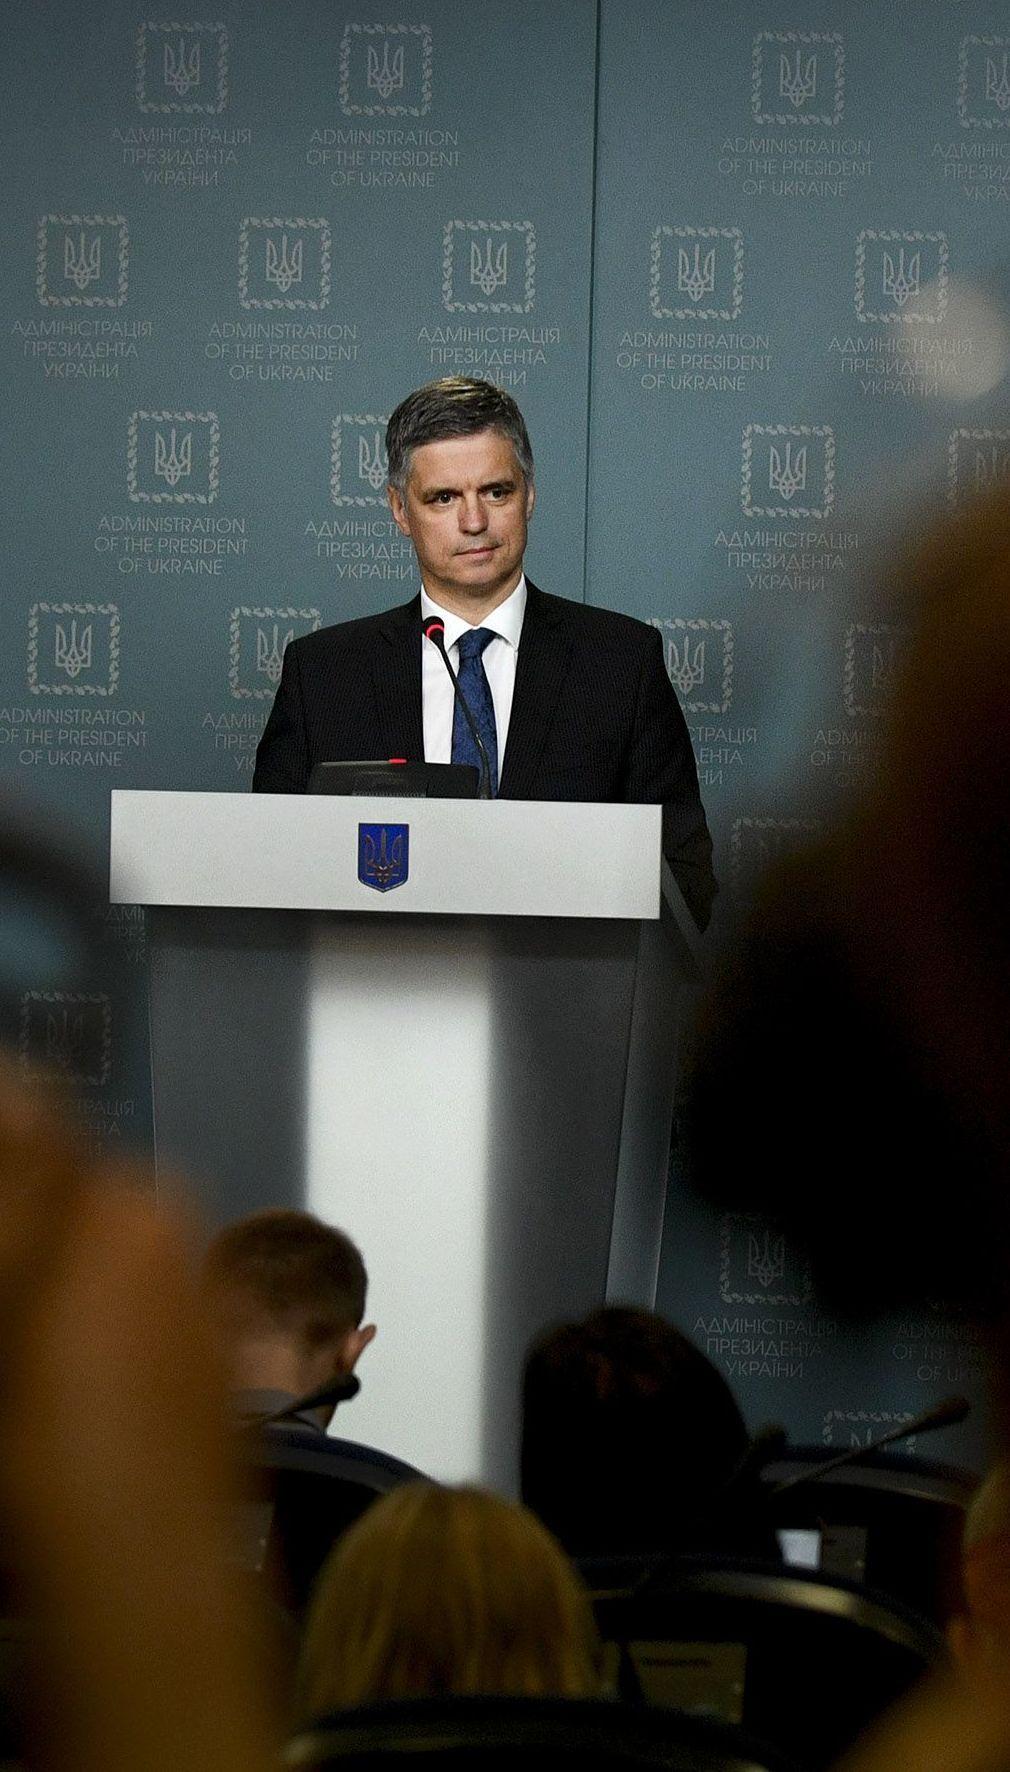 Україна не закріплюватиме в Конституції особливий статус Донбасу – Пристайко